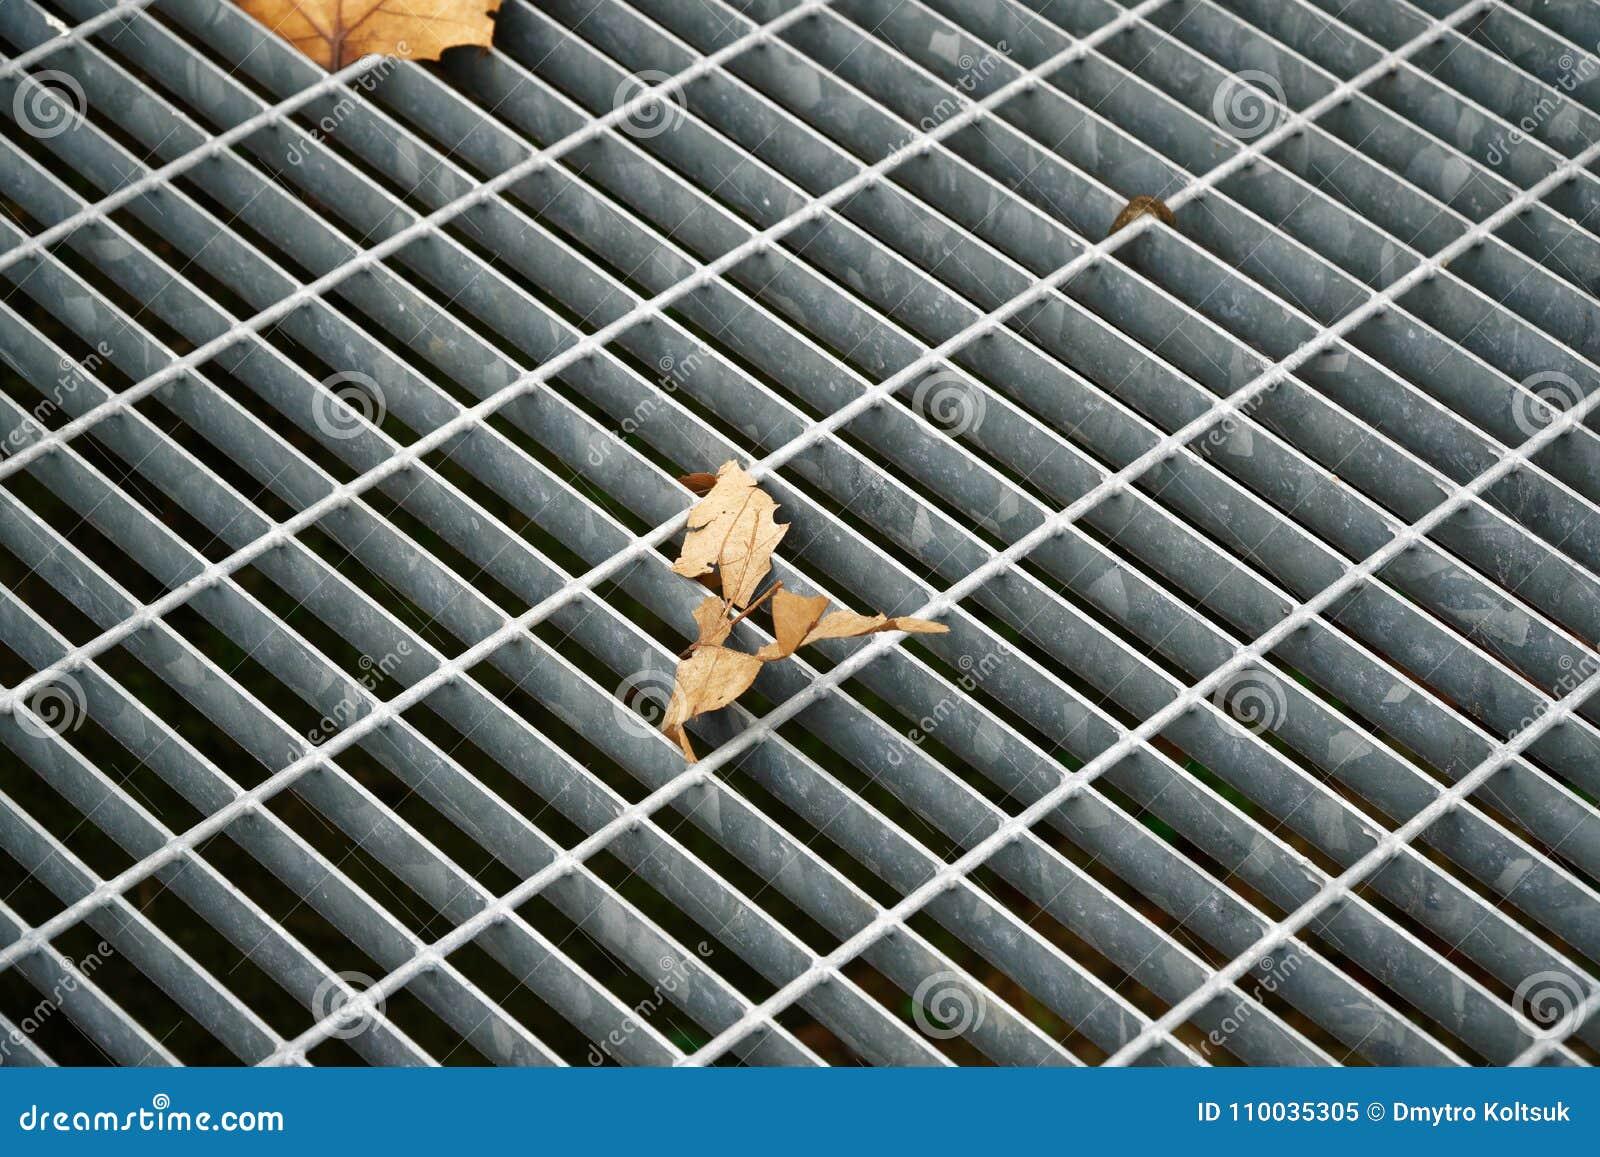 Vierkant metaalbroedsel in stedelijke bestrating, de dekking van het rioolmangat met binnen het merken van lijnen en blad